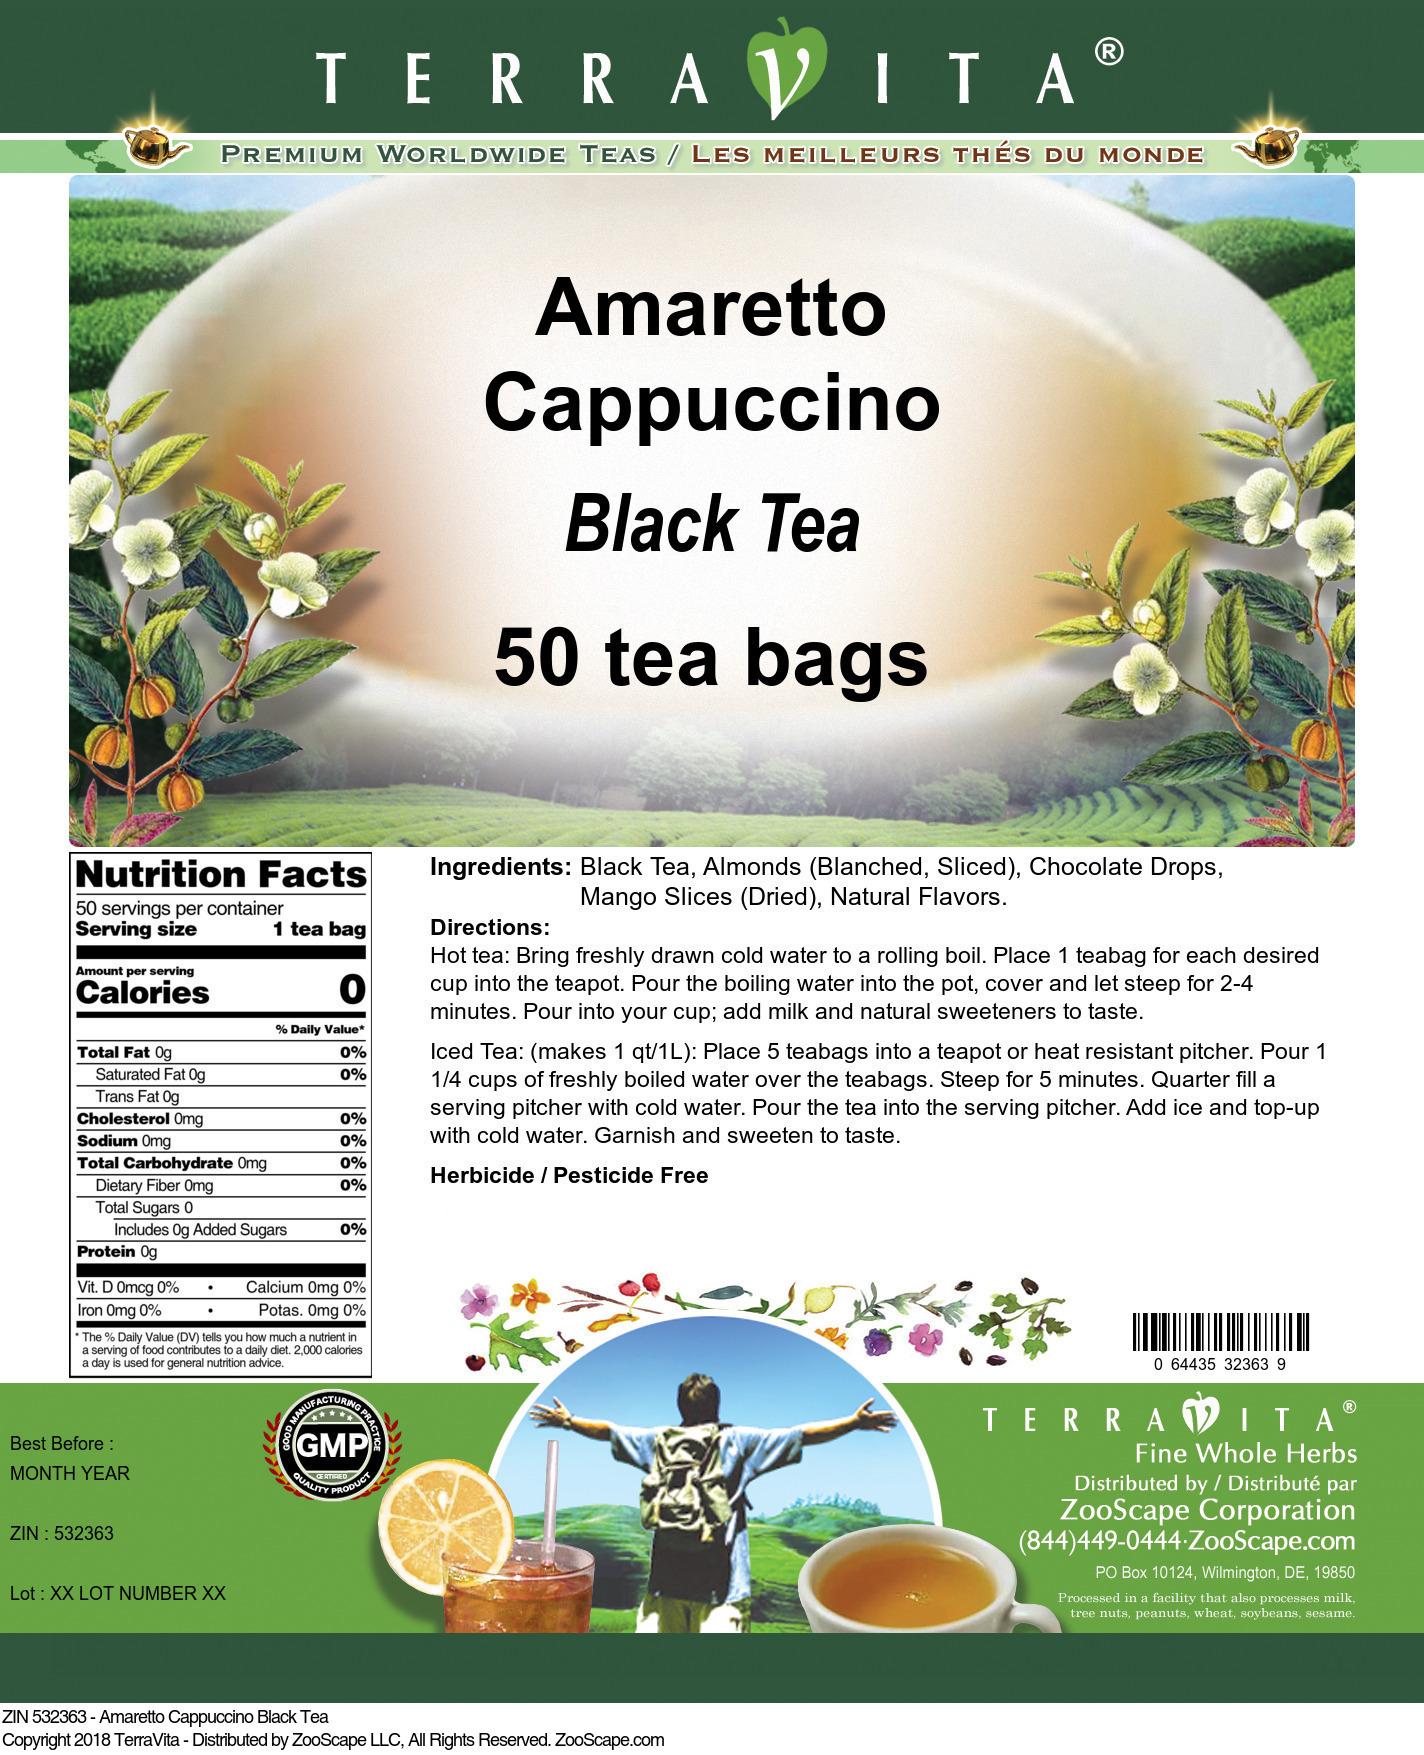 Amaretto Cappuccino Black Tea